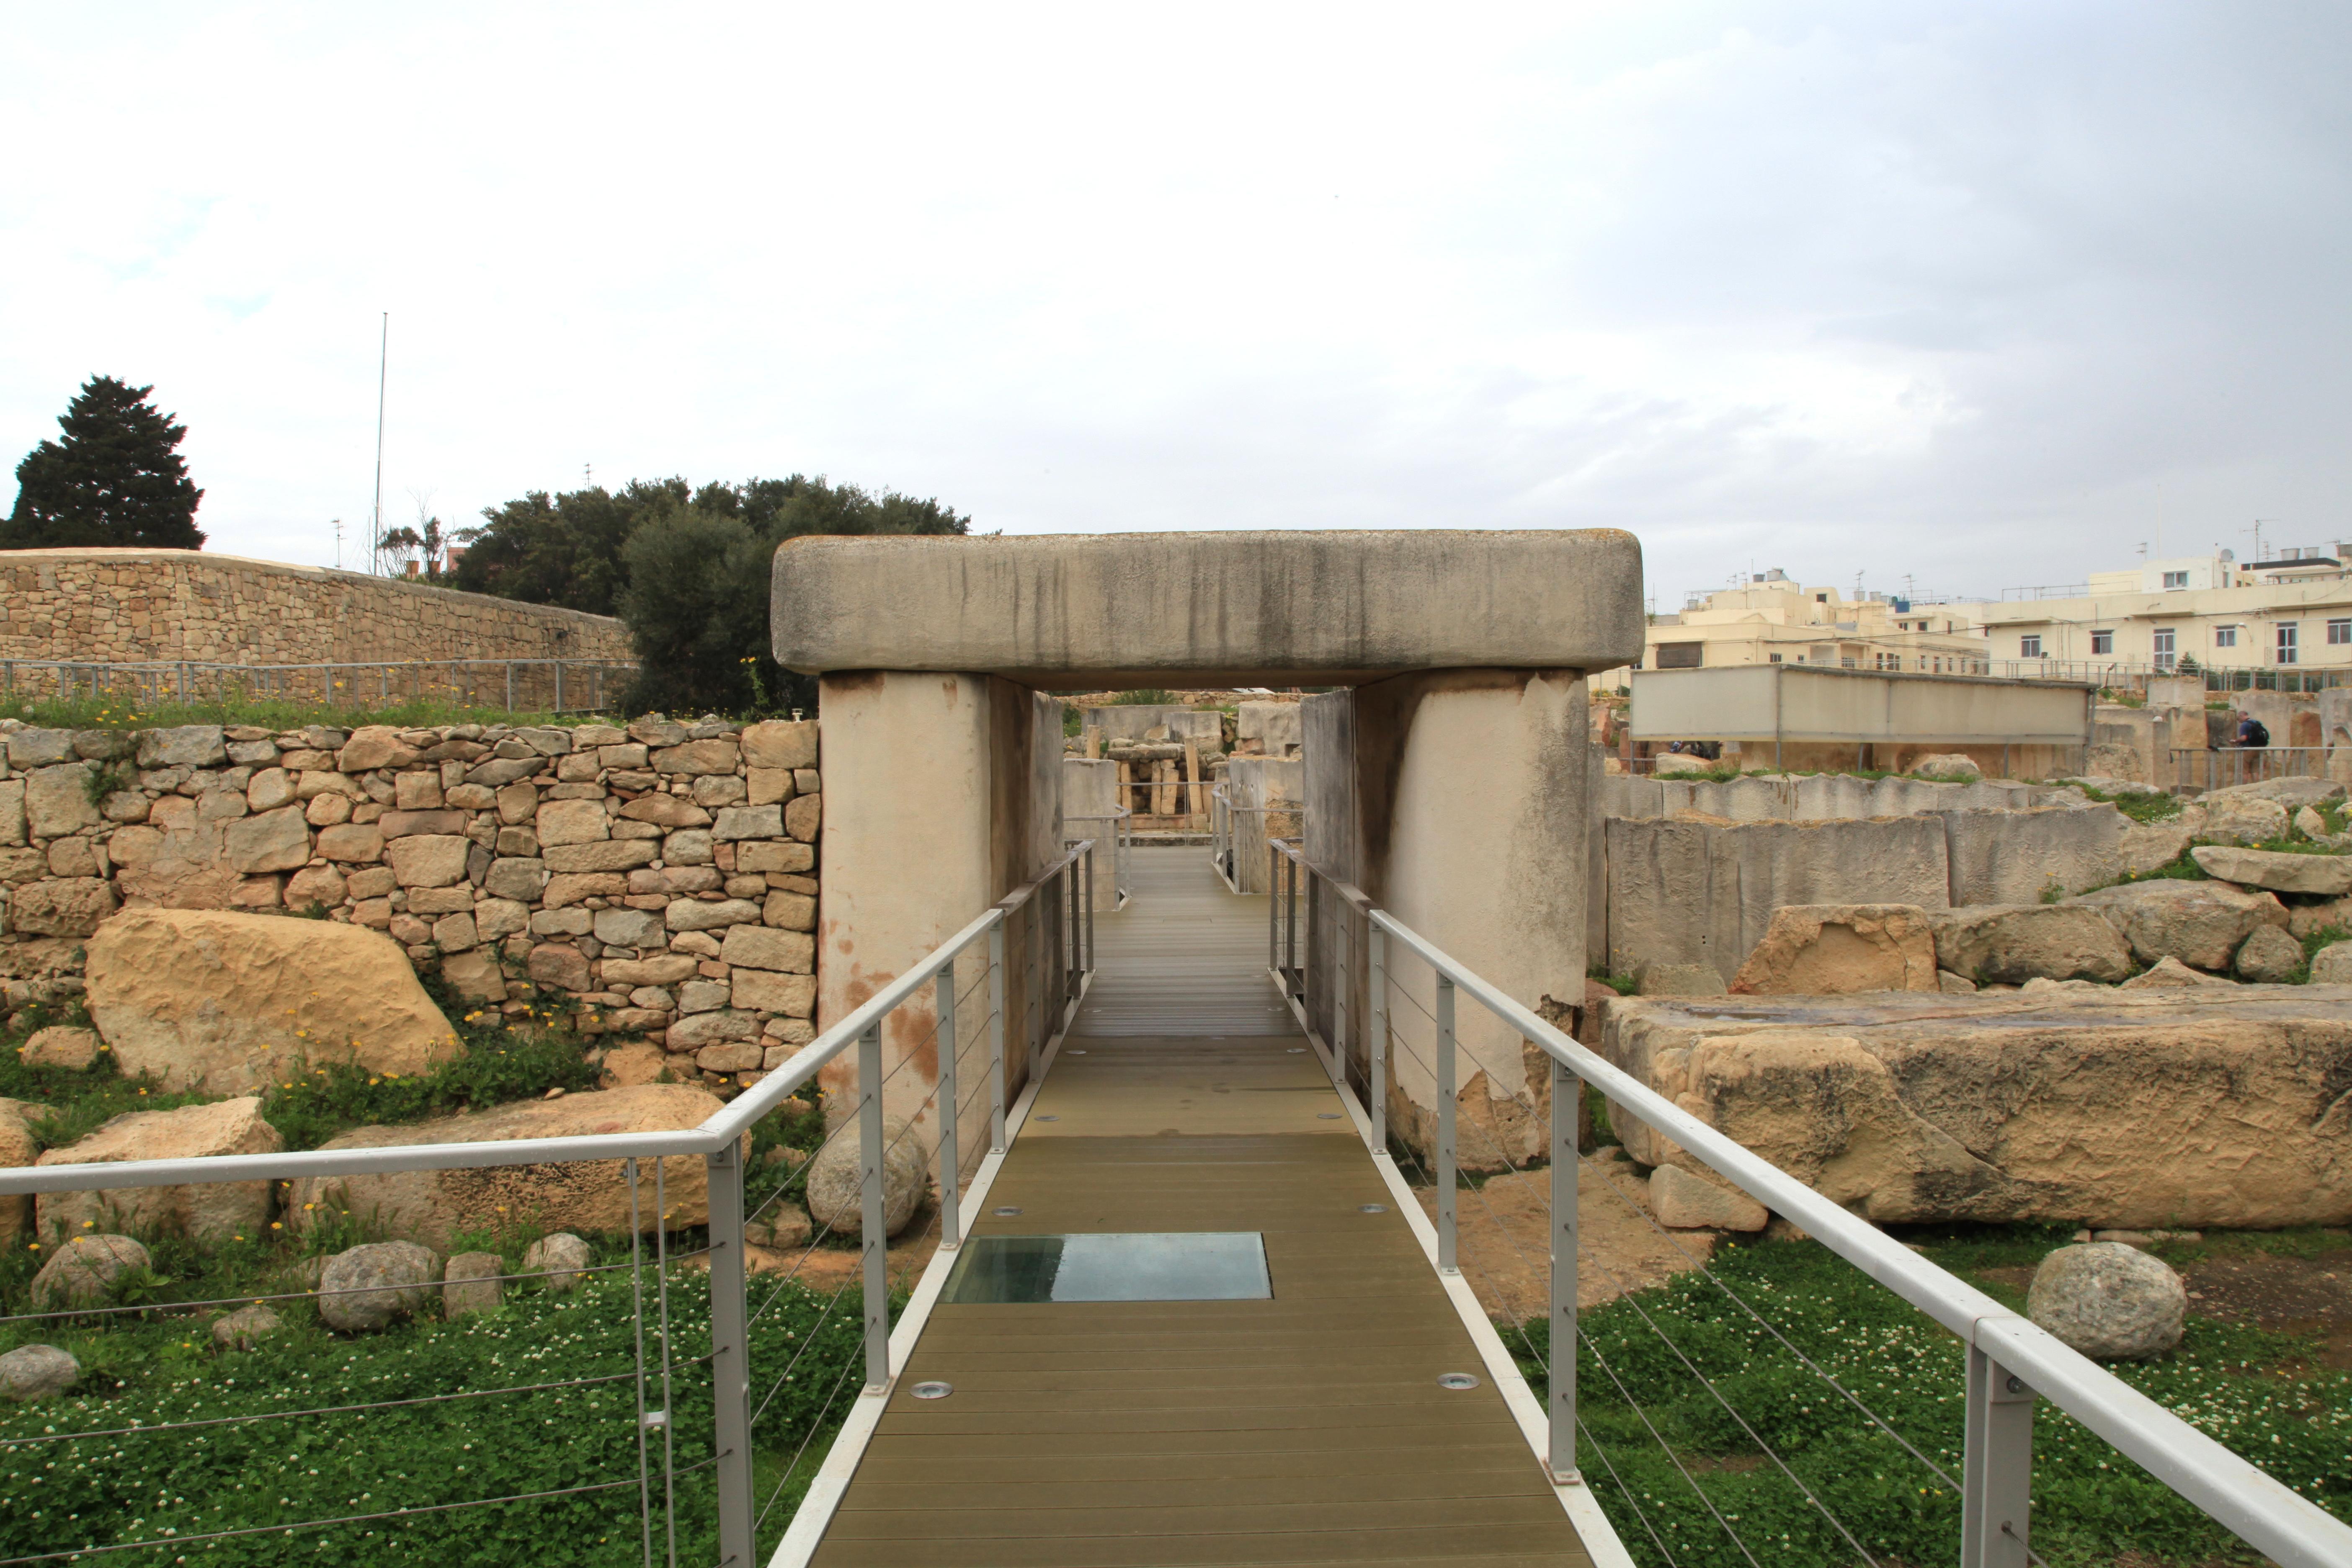 Malta - Tarxien - Triq it-Tempji Neolitici - Temples 10 ies.jpg